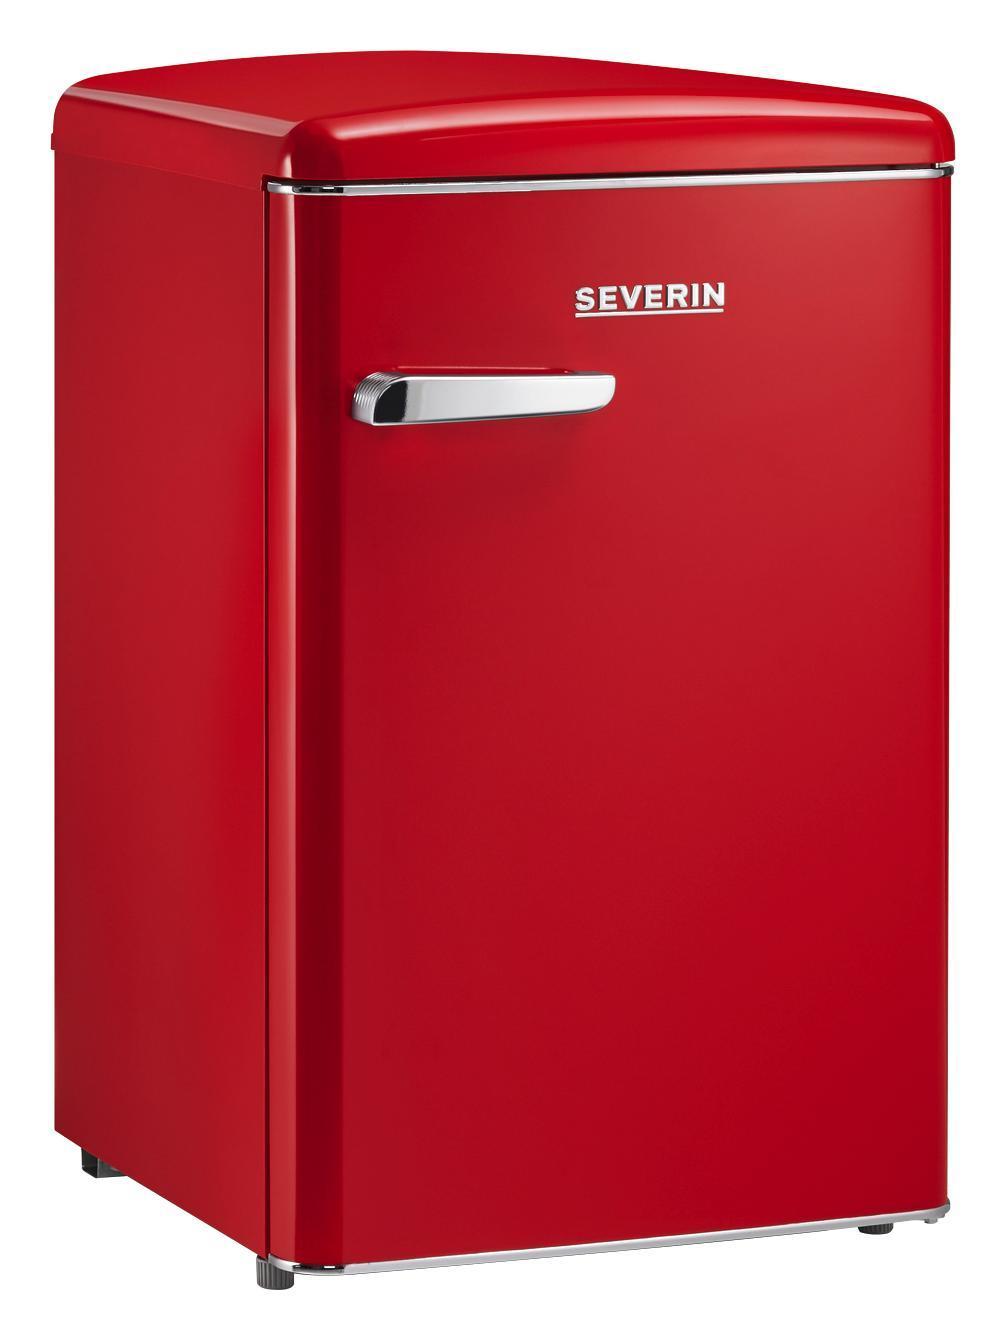 Mini Kühlschrank Retro : Minikühlschrank im retro look mit gefrierfach